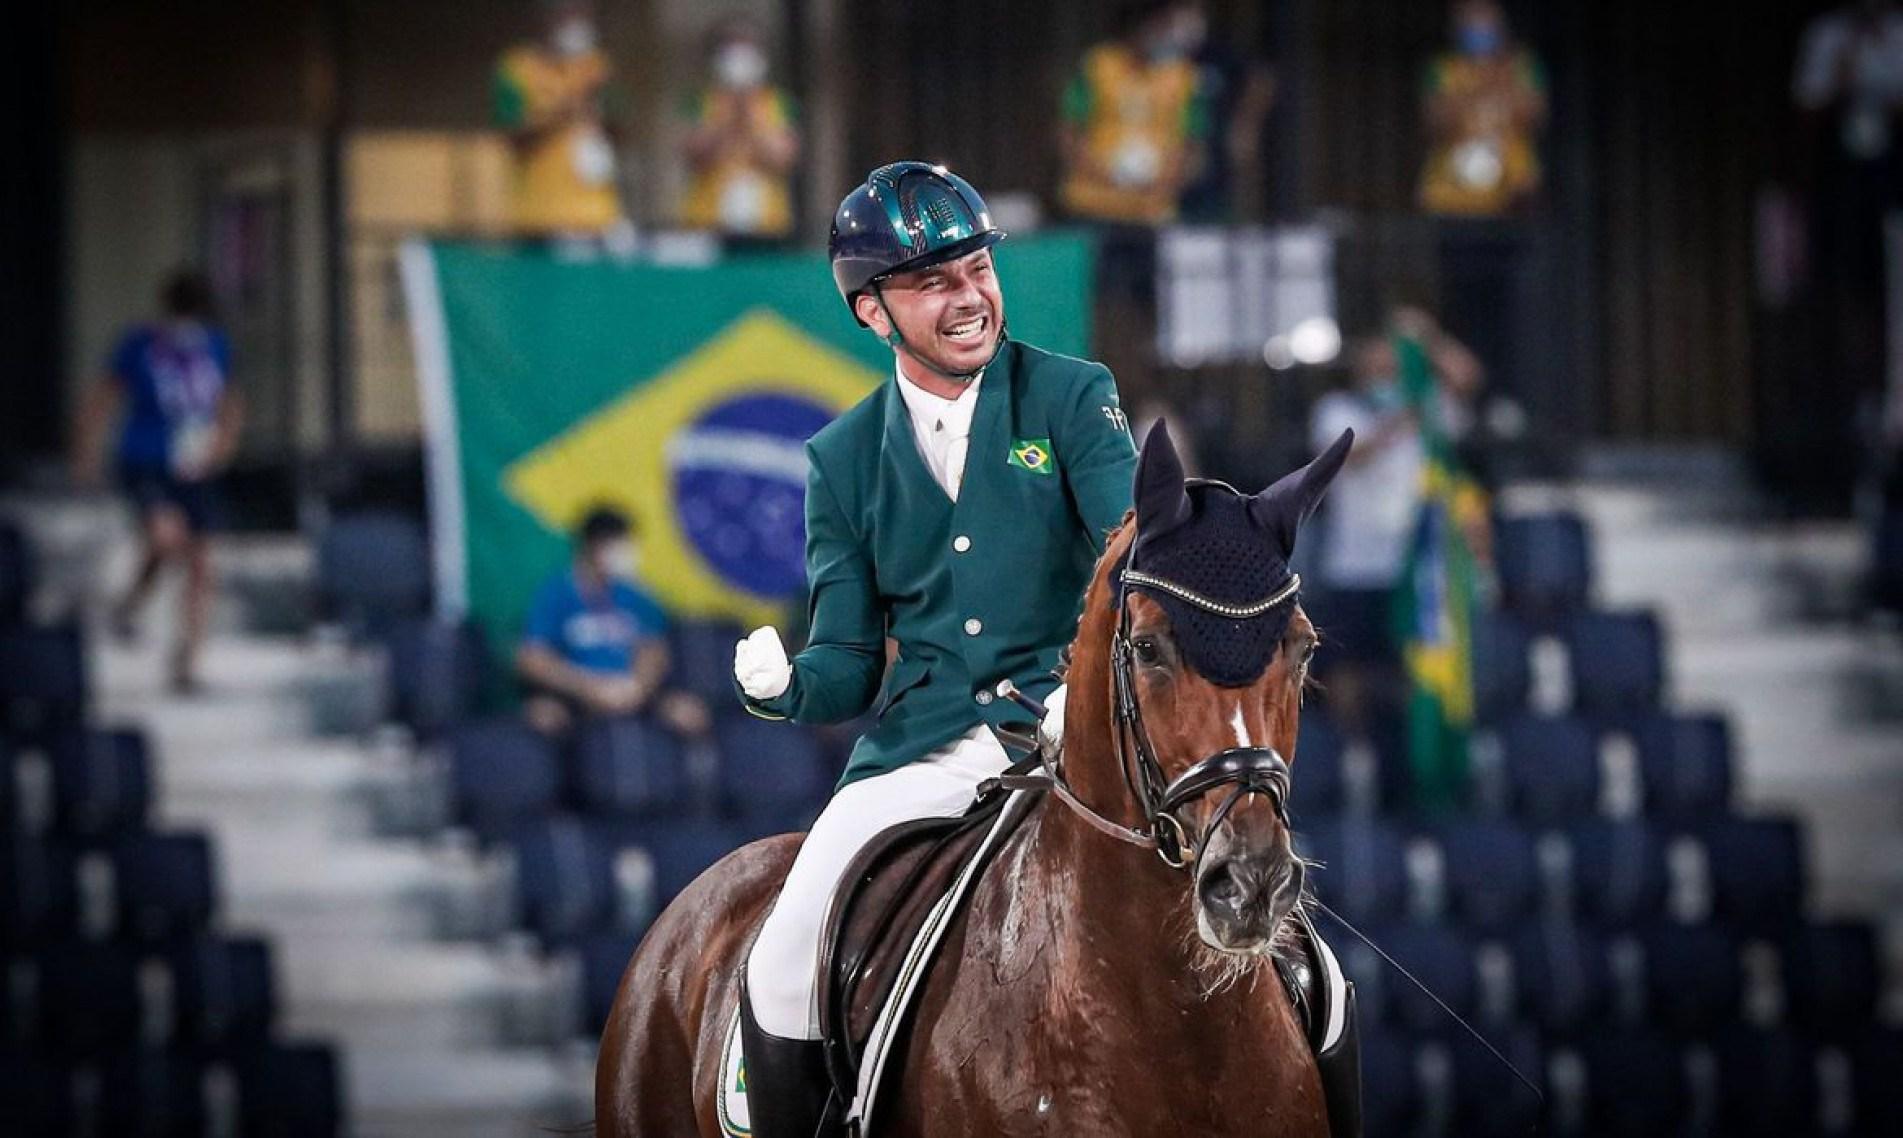 Rodolpho faturou a medalha de prata no hipismo na Paralimpíada de Tóquio